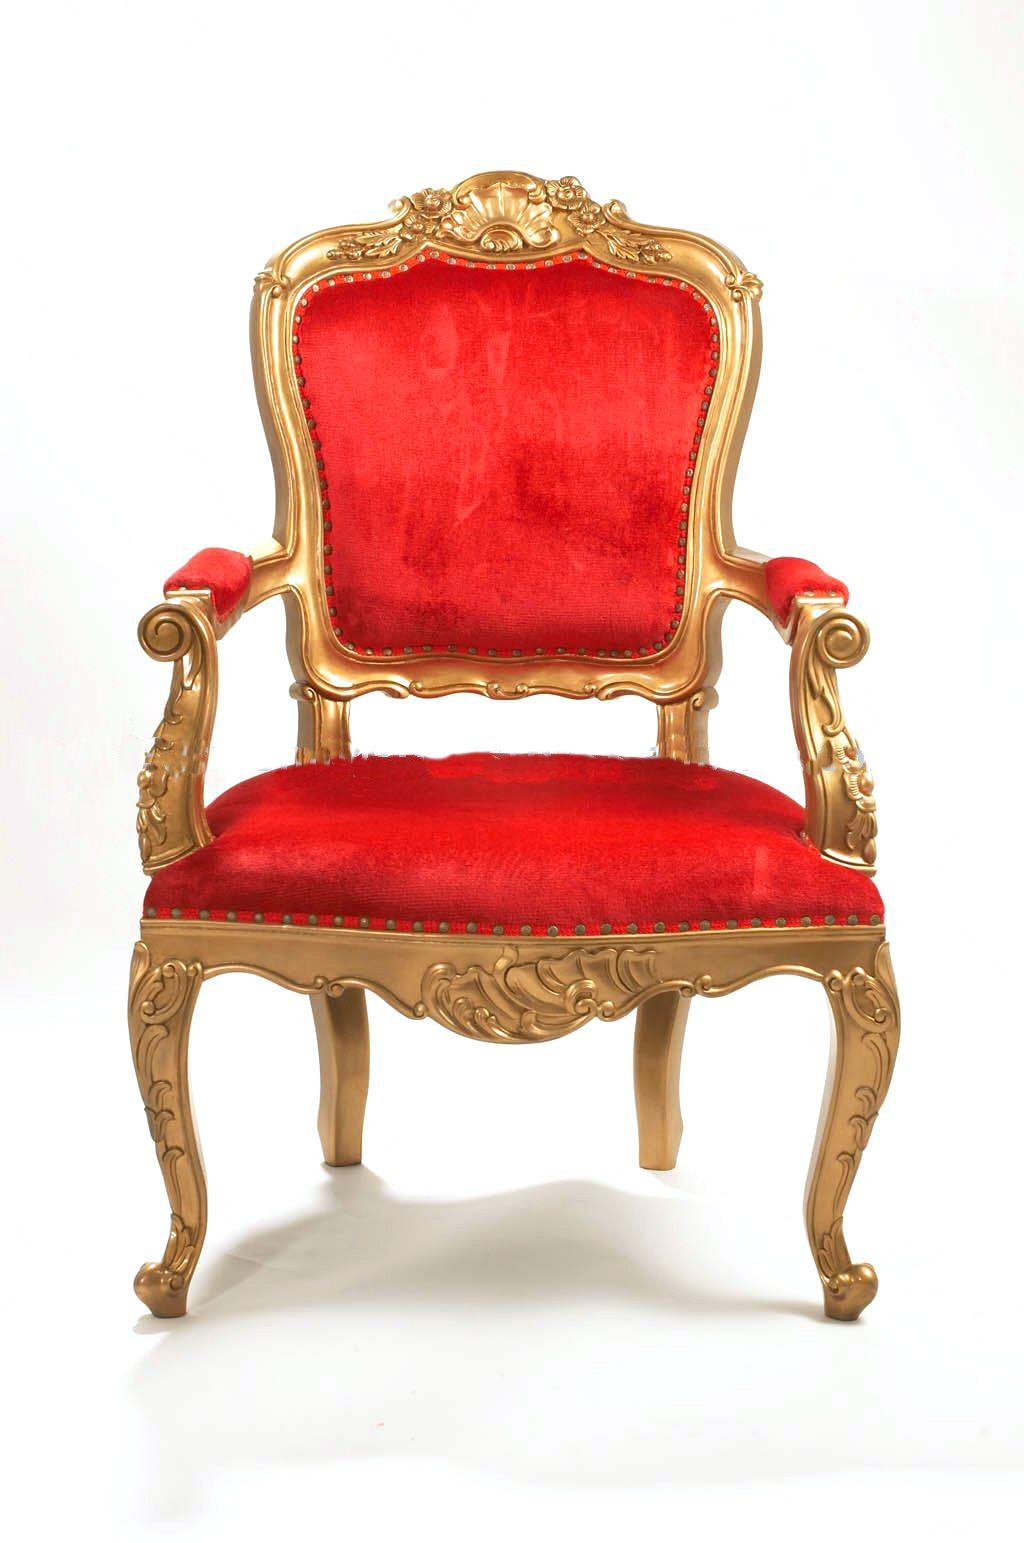 Louis Xv Chair Custom Beach Chairs Royal Pinterest Armchairs Victorian